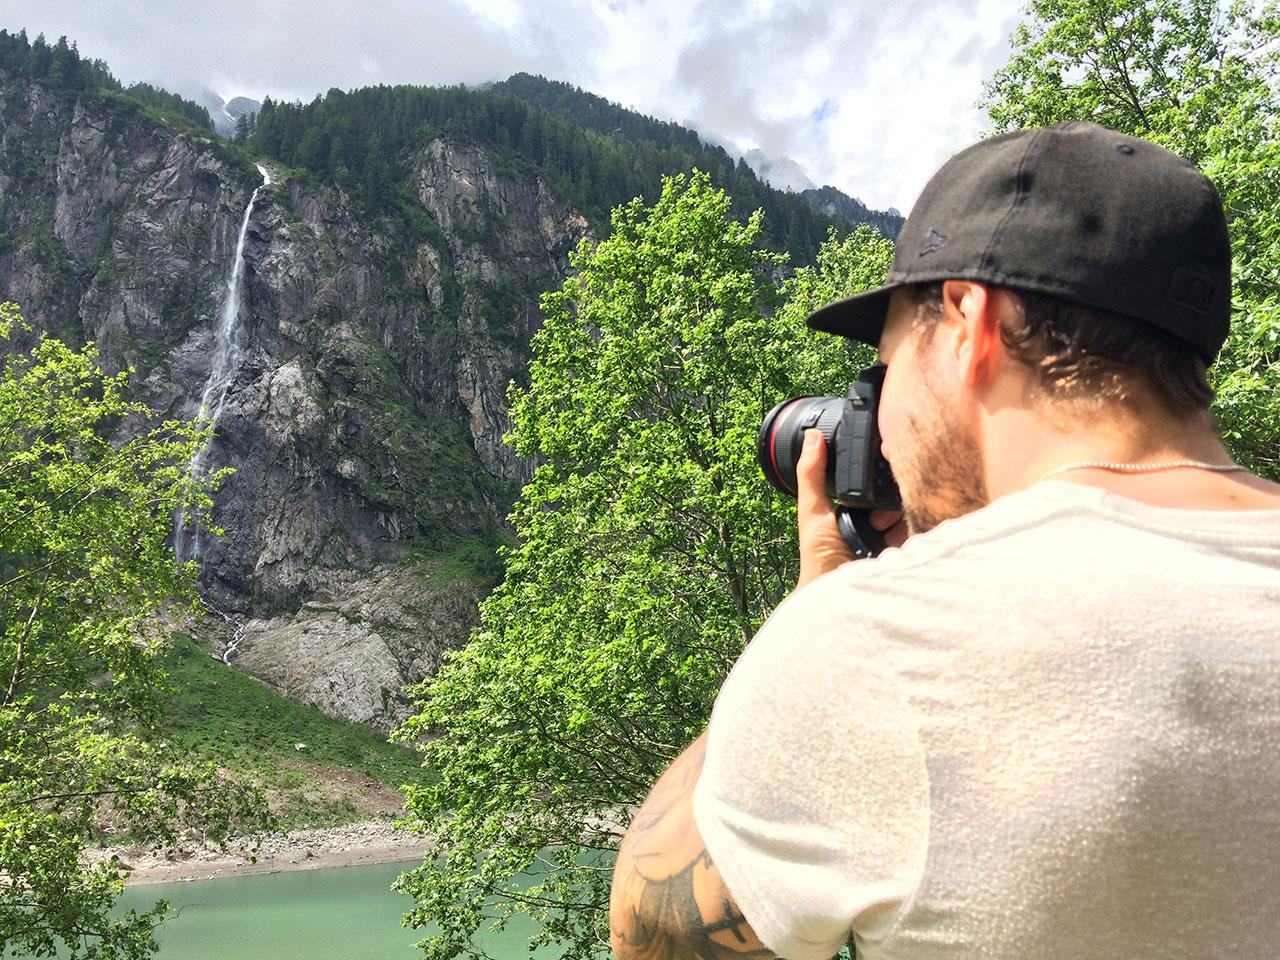 Tom Klocker beim Fotografieren eines Wasserfalls im Zillertal